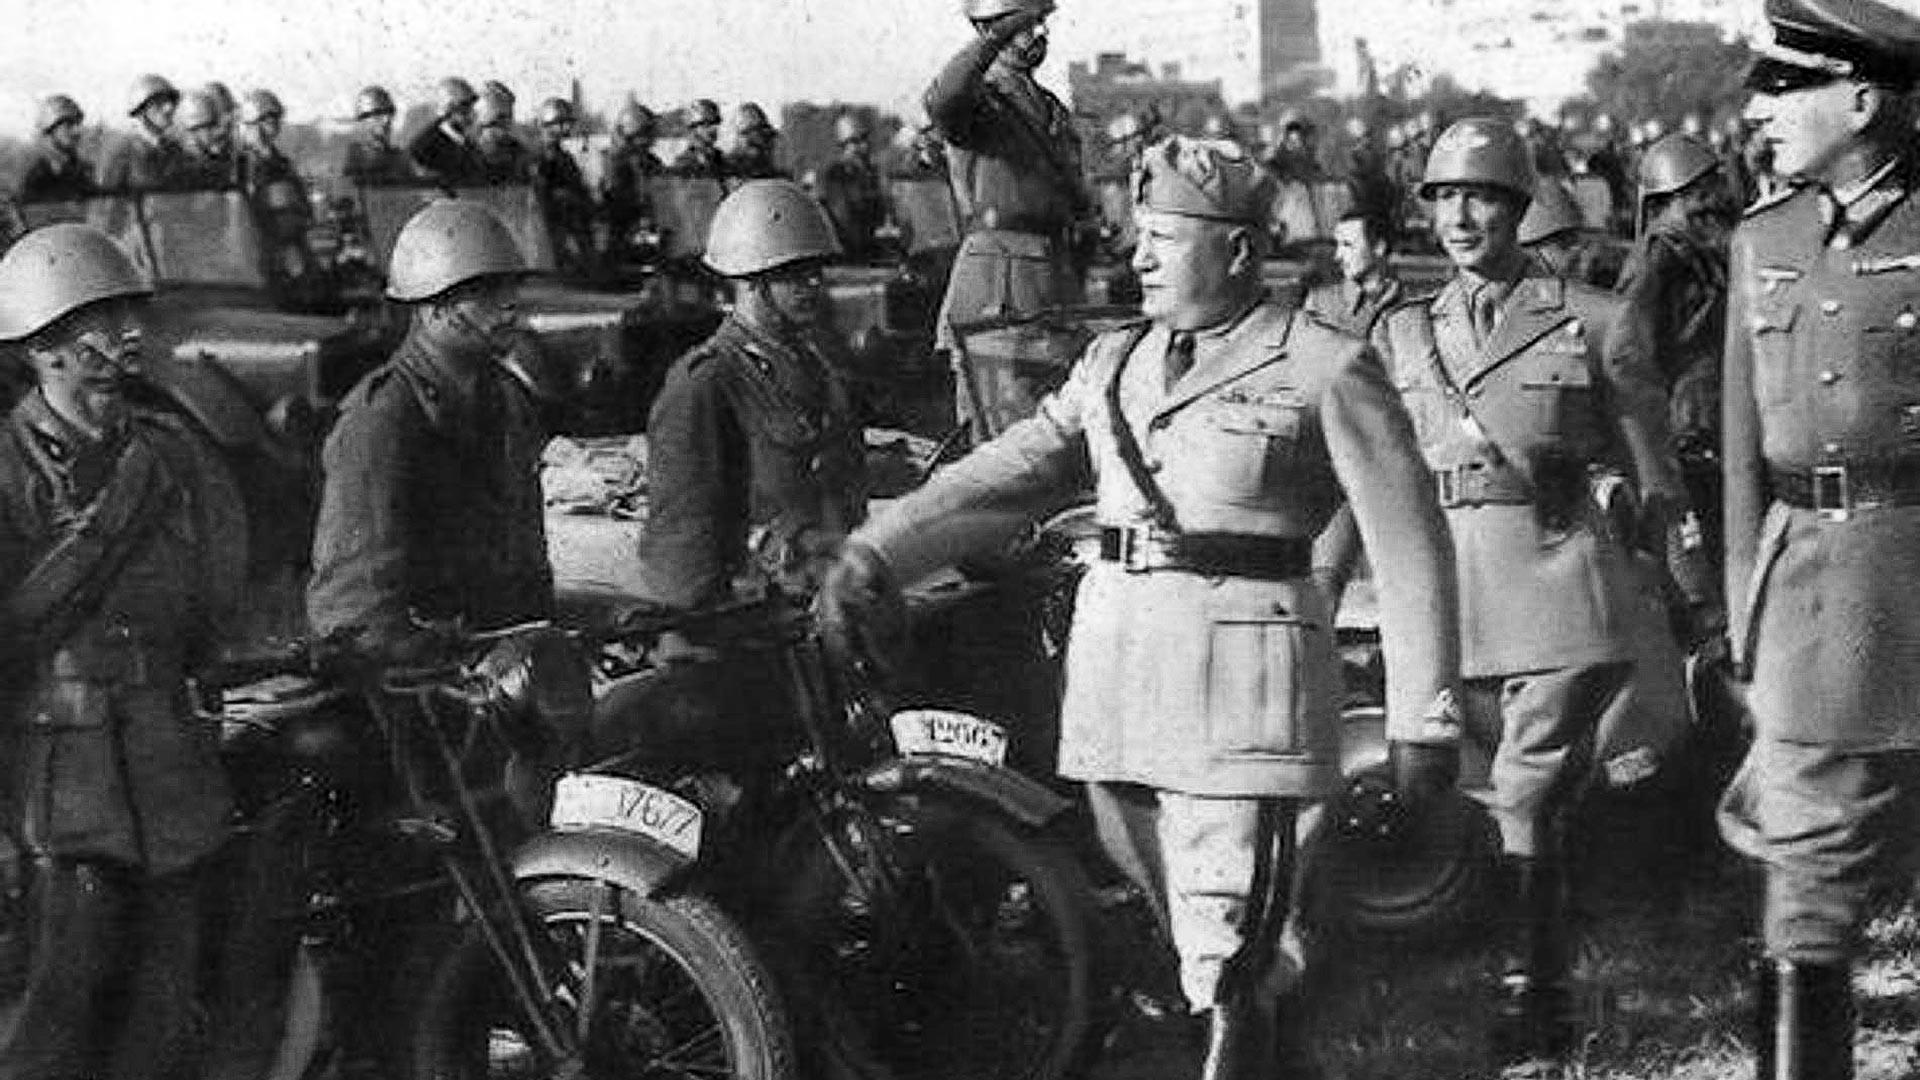 Јединице CSIR на смотри за време Мусолинијеве посете руском фронту.